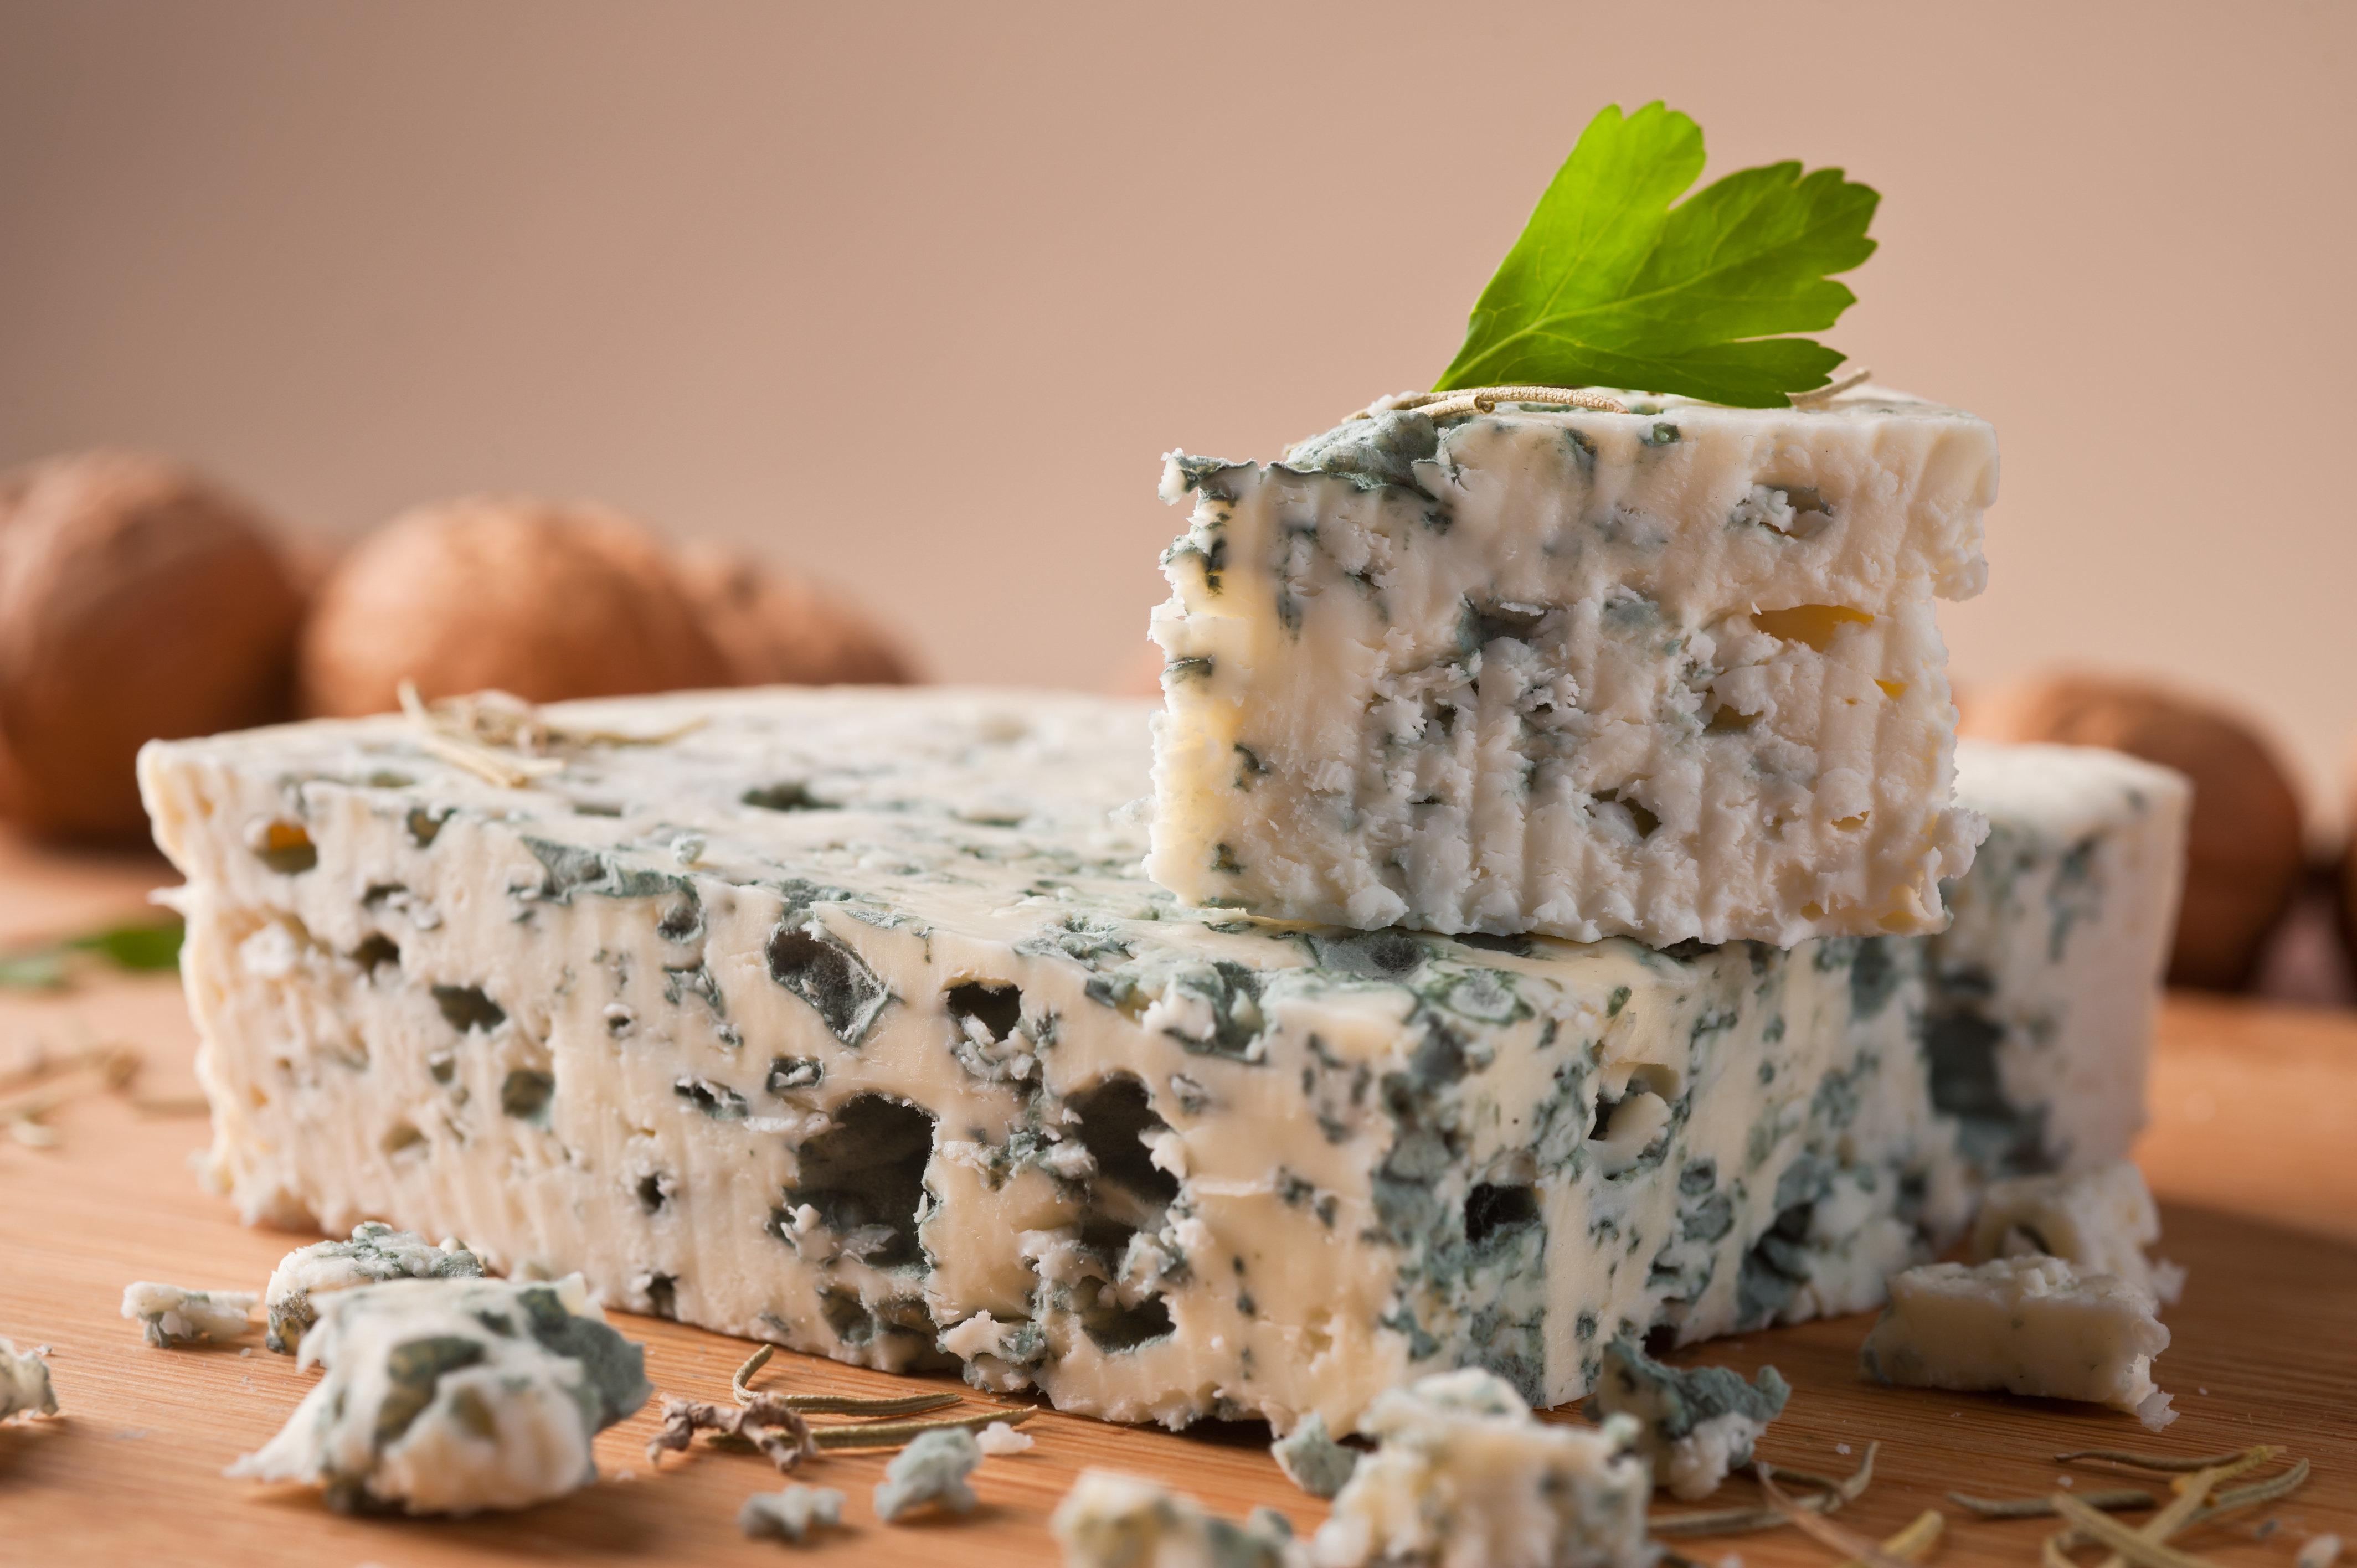 Der betroffene Roquefort wurde bundesweit an der Käsetheke